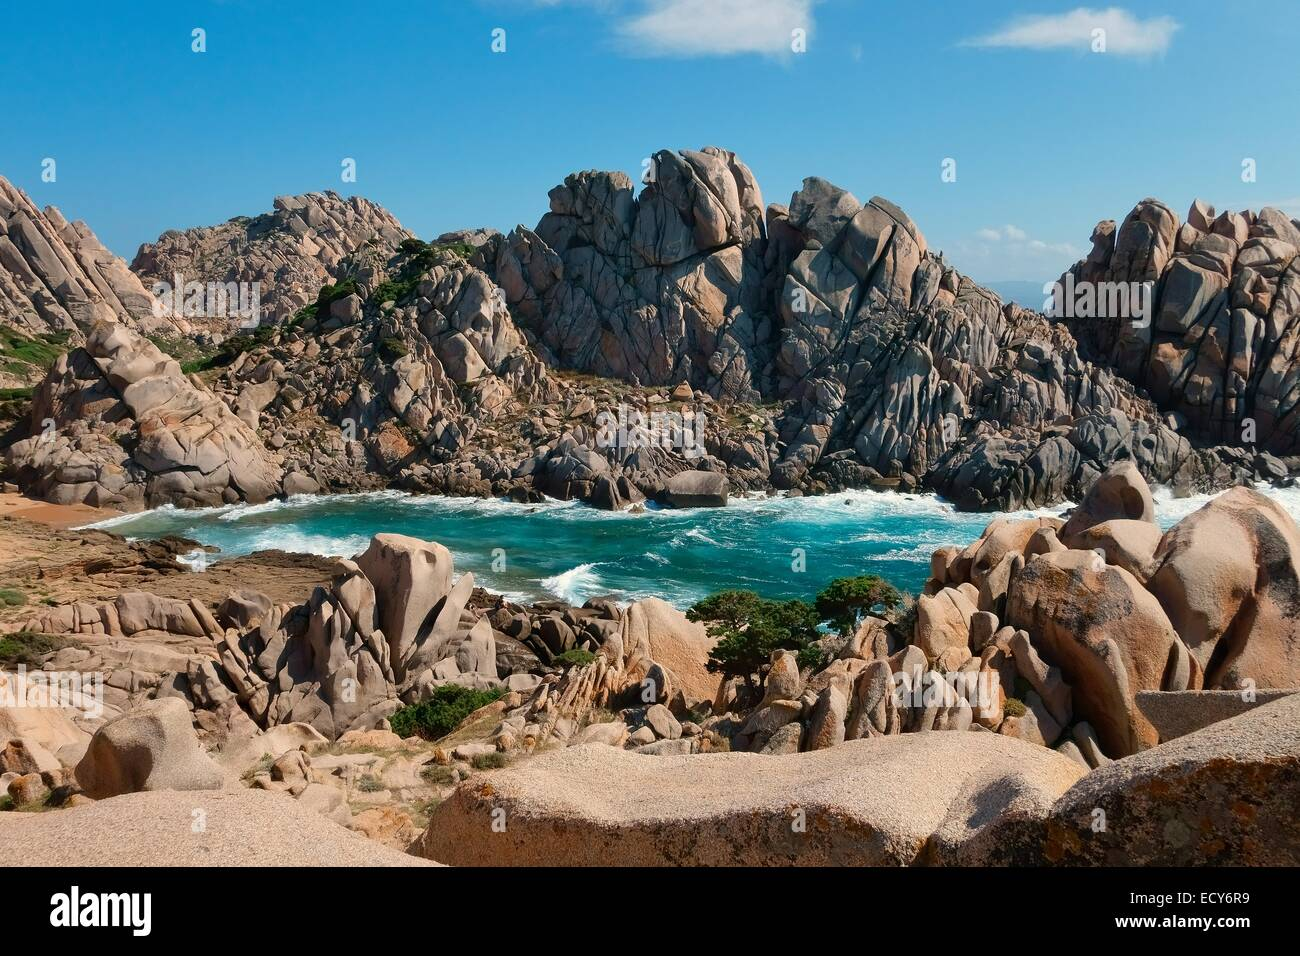 Bizarre rock formations, withered Tafoni rocks in the Valle della Luna, Capo Testa, Province of Olbia-Tempio, Sardinia, - Stock Image